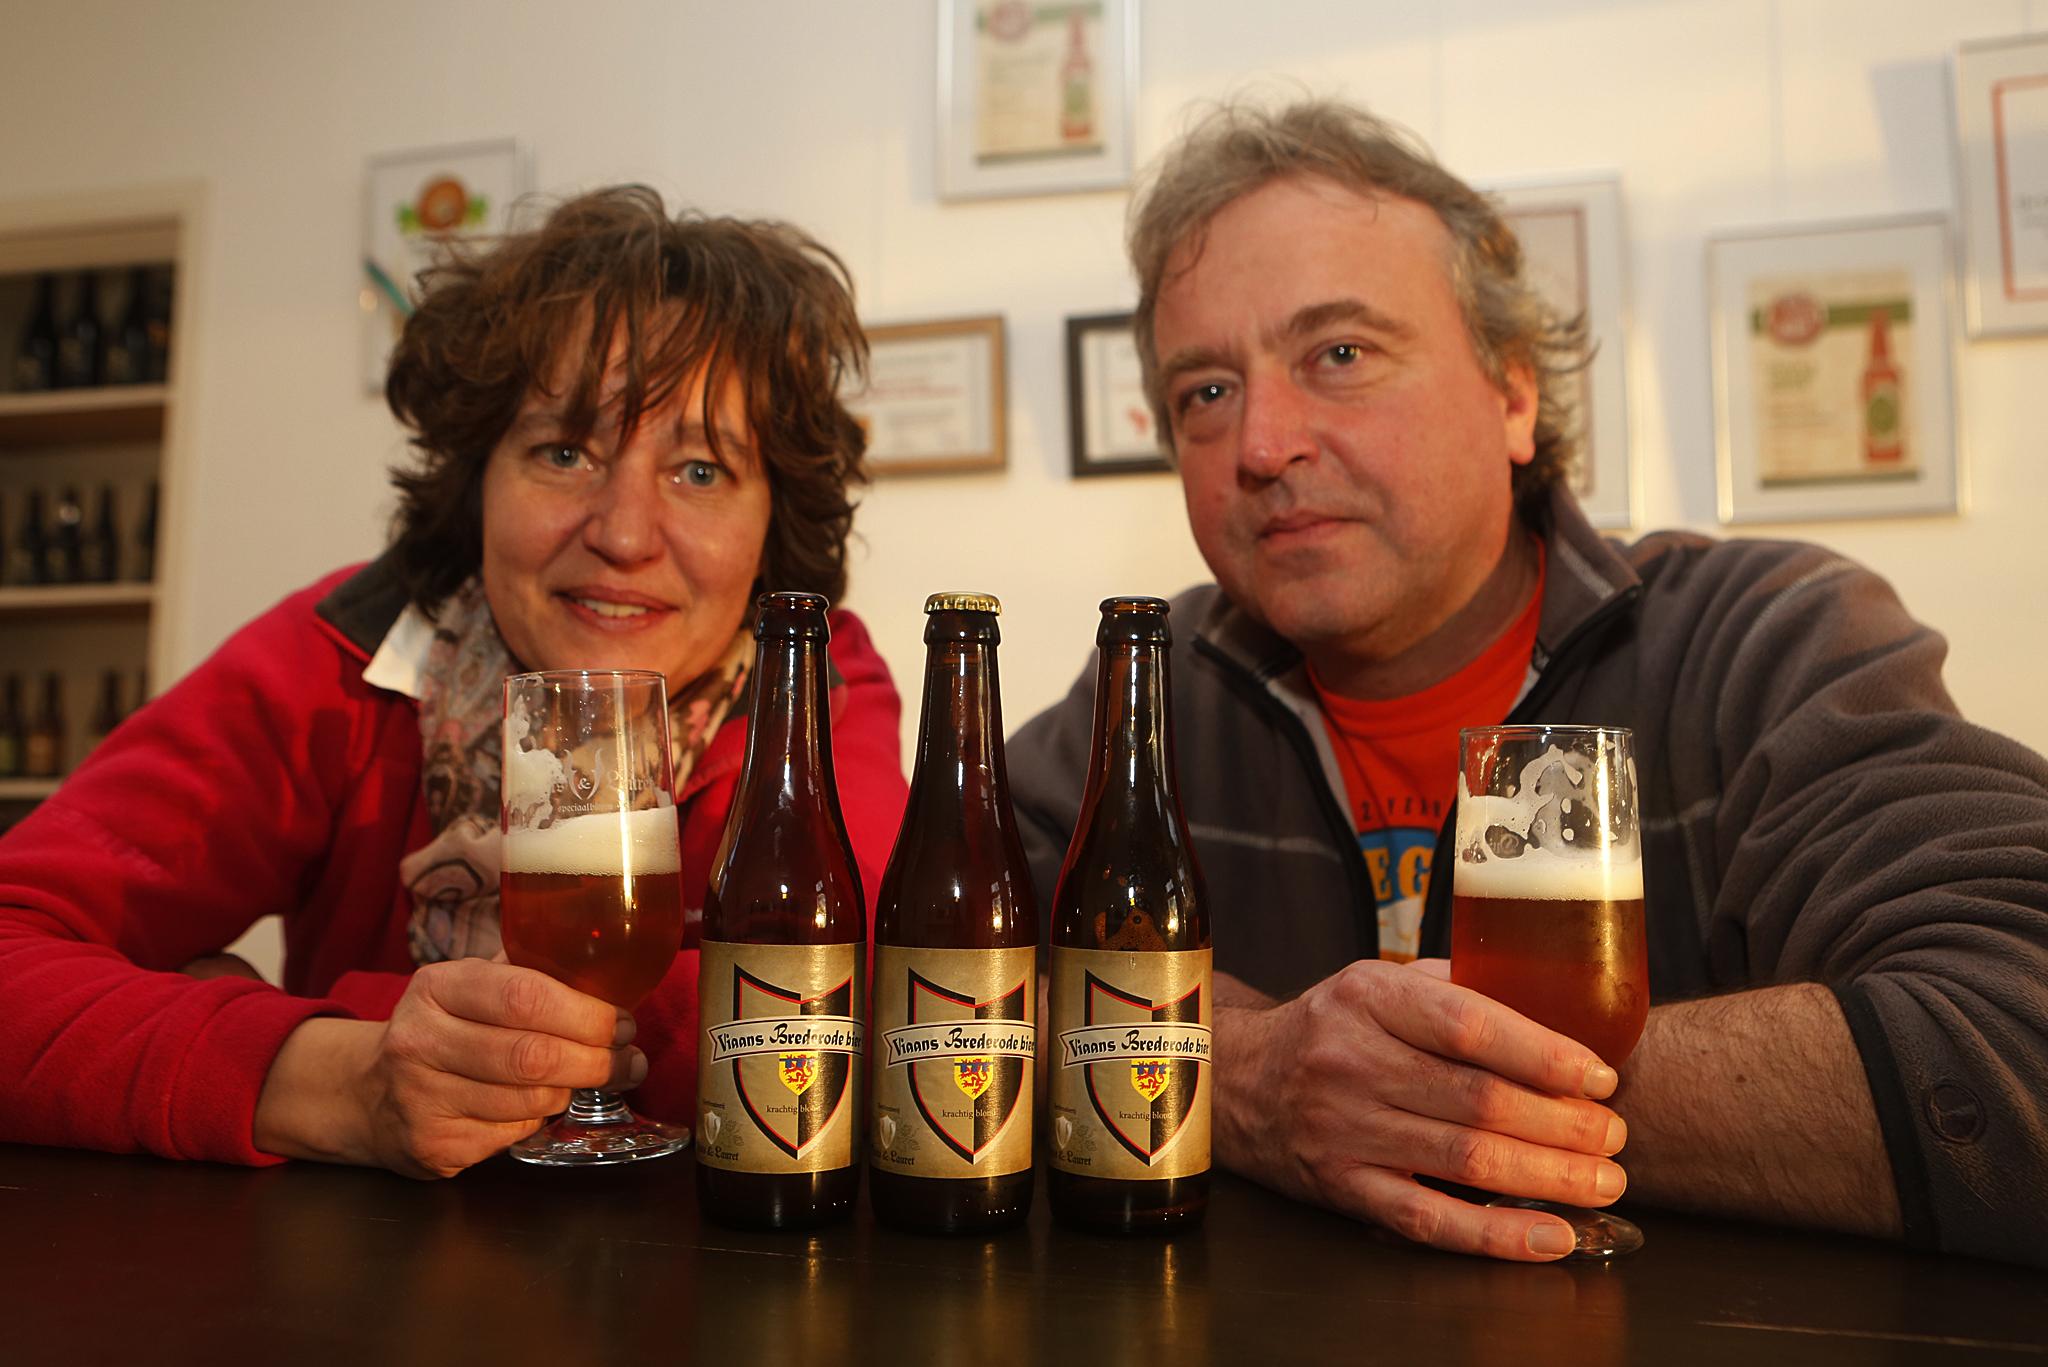 Duits en Lauret presenteren nieuw biersoort